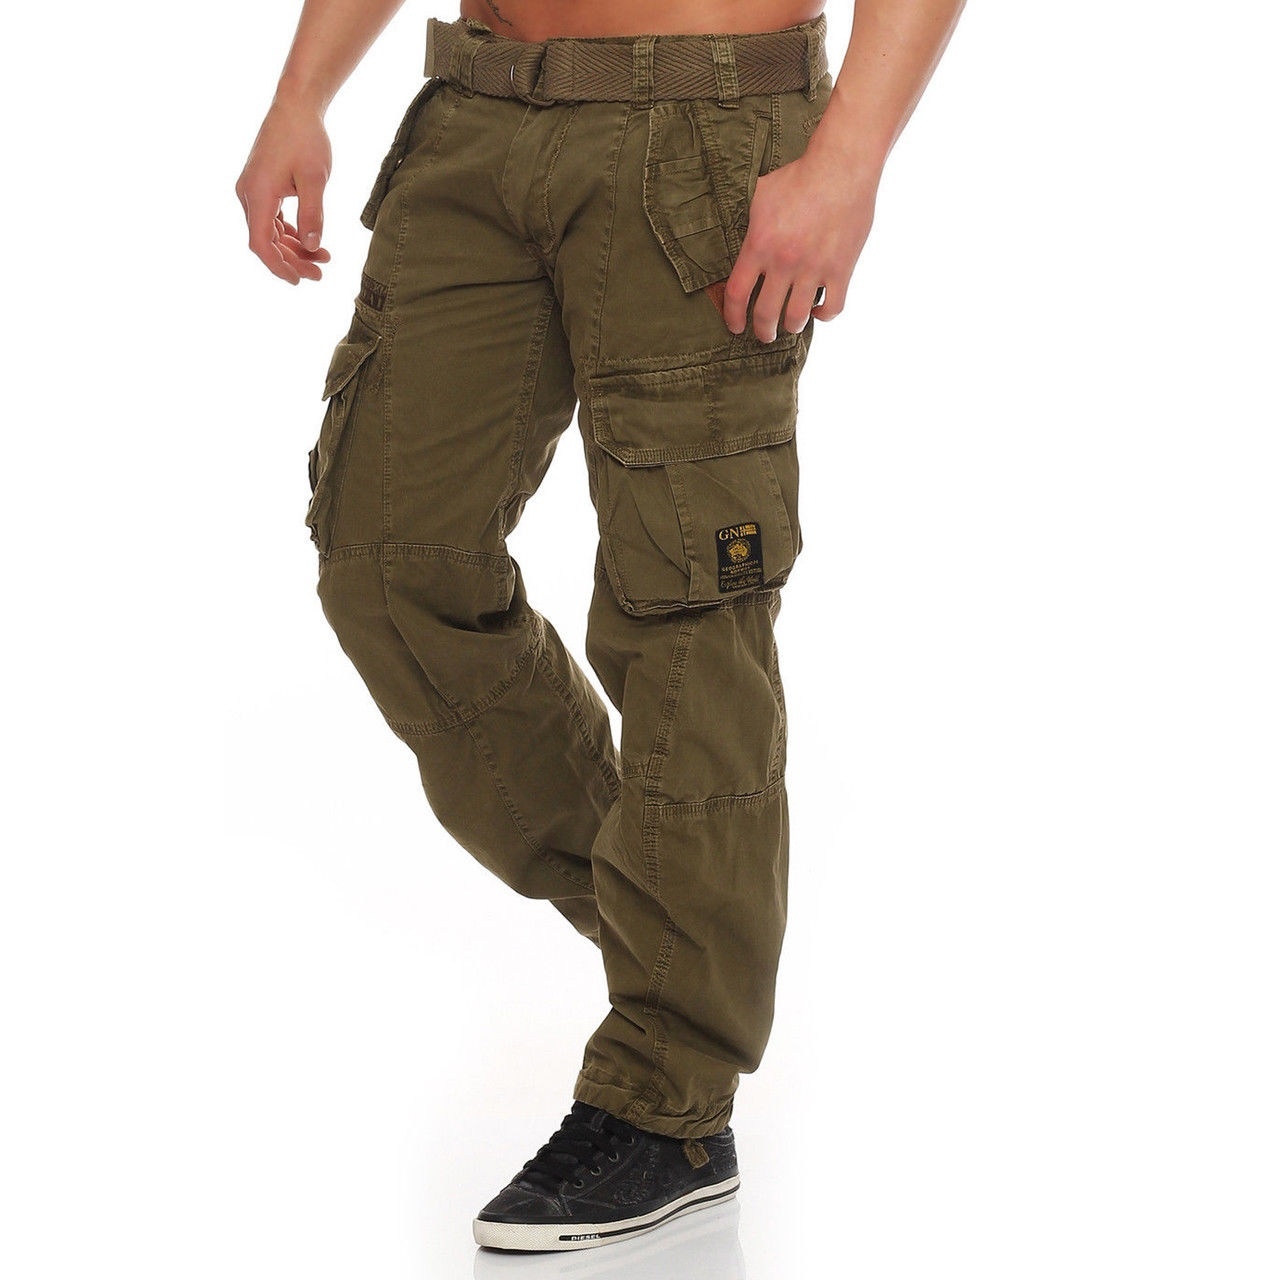 2019 Neue Europäische Und Amerikanische Mode Männer Hosen Fitness Schlank Sport Casual Taschen Feste Nähte Herren Kleidung Mangelware